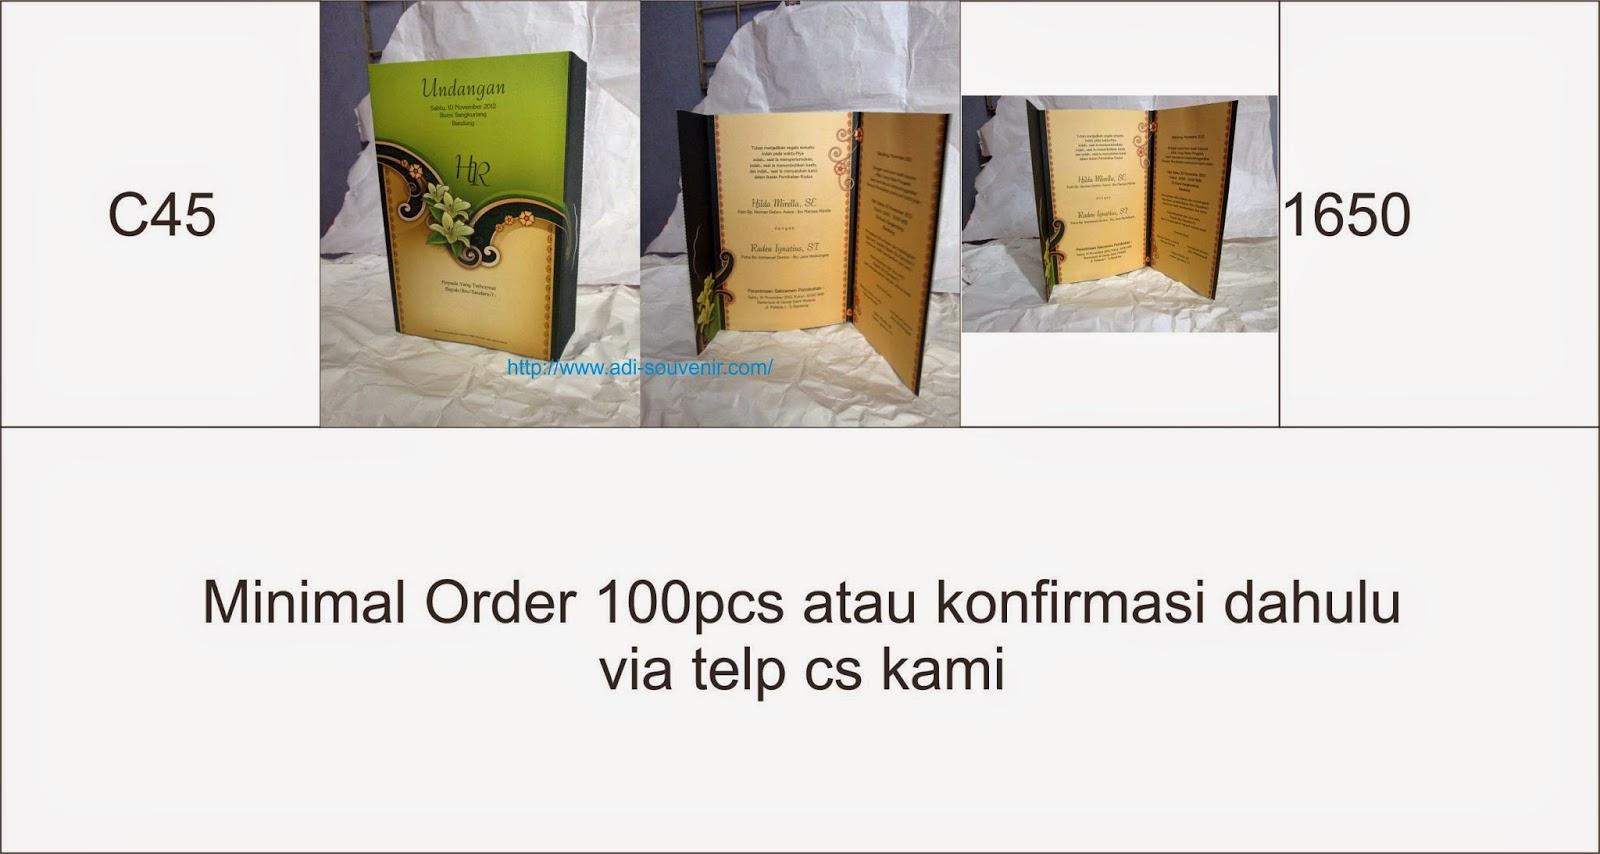 undangan kertas adi souvenir